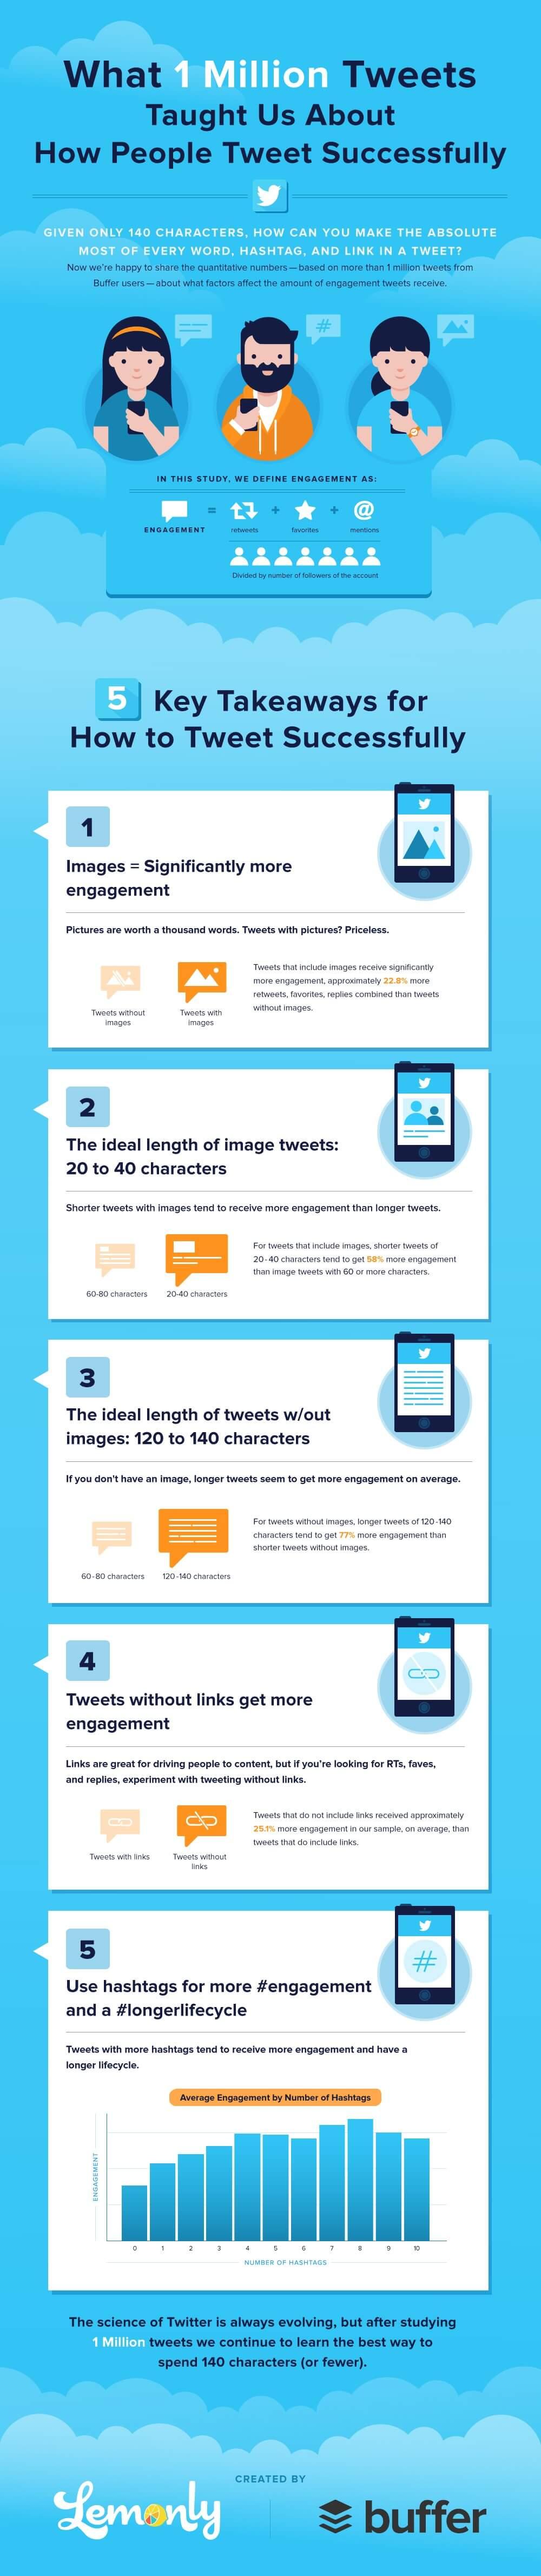 Die 5 wichtigsten Faktoren für erfolgreiche Tweets